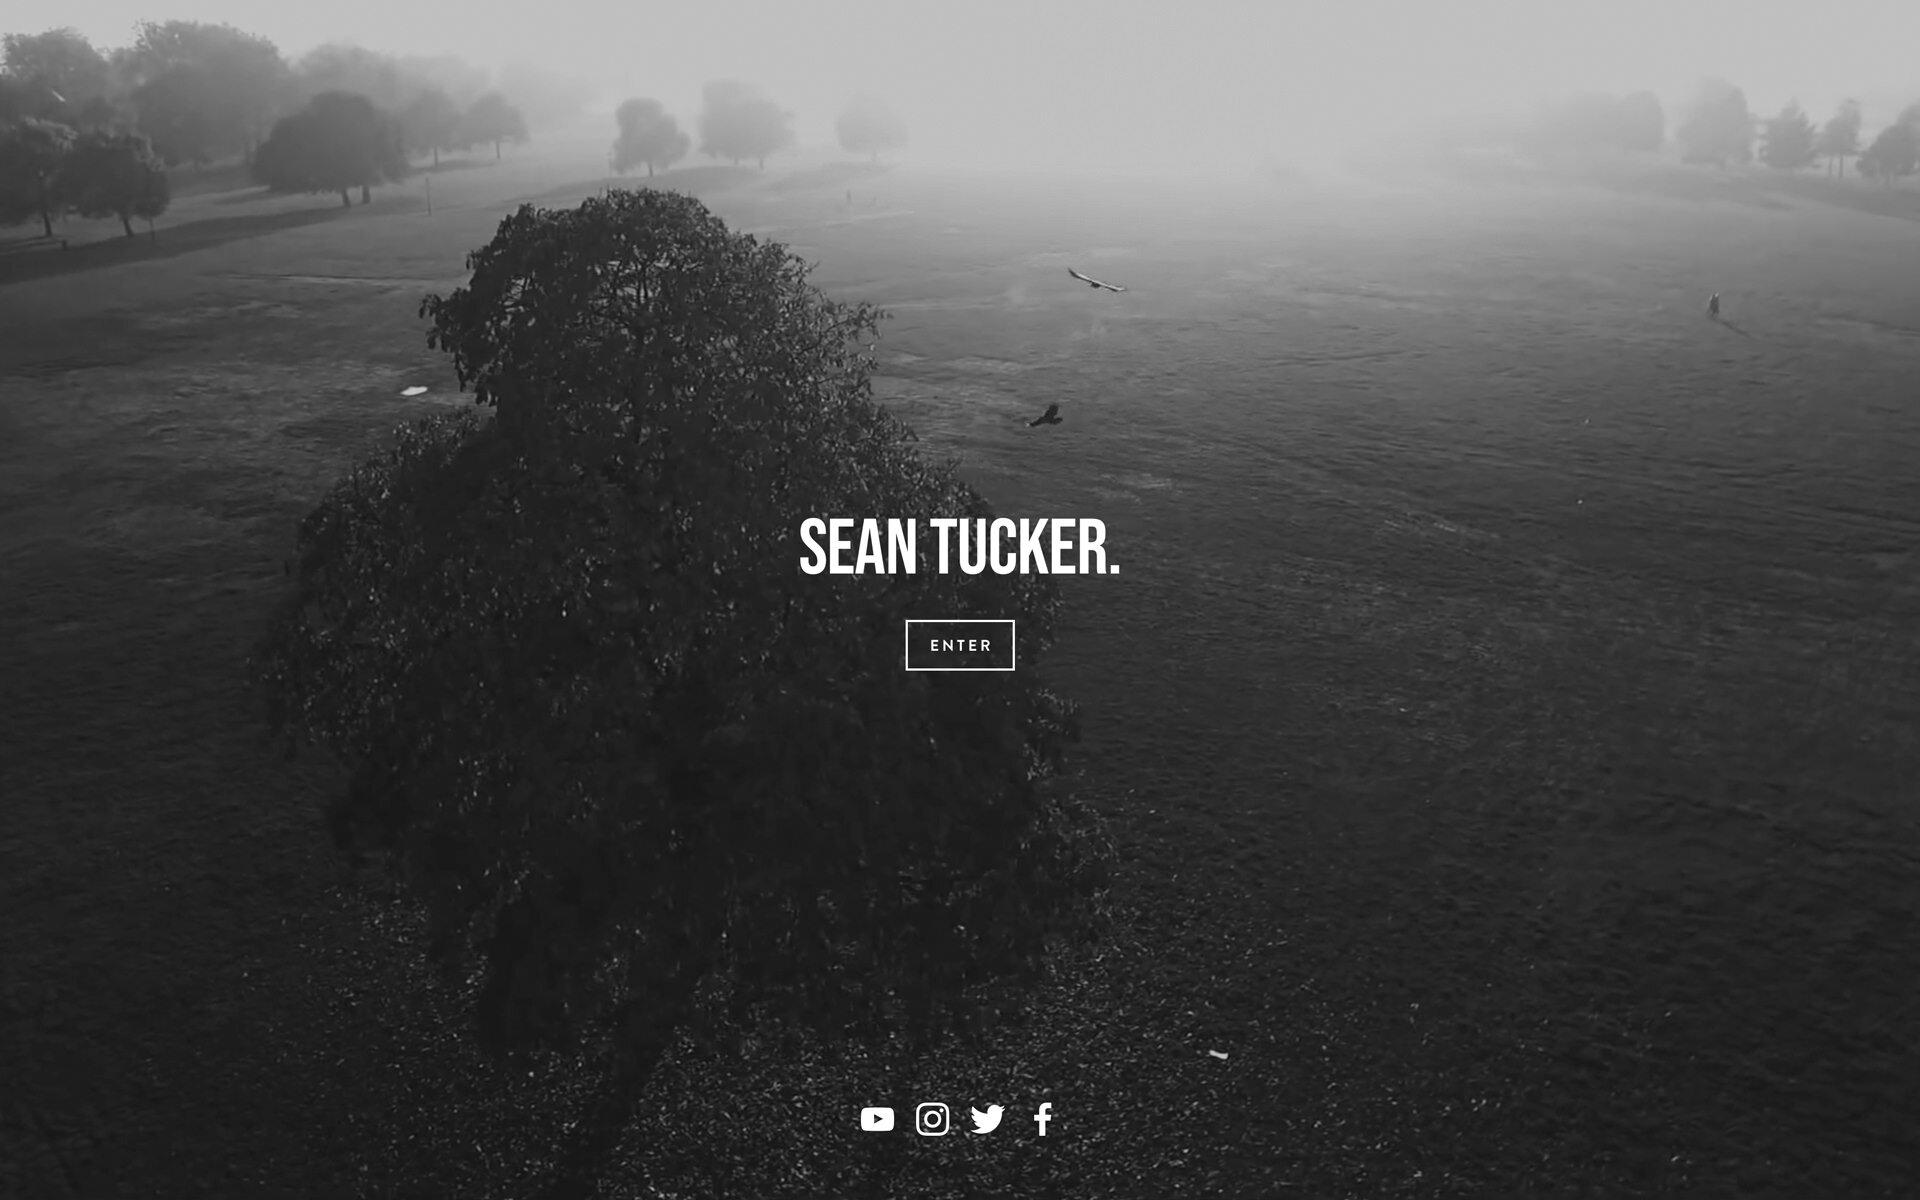 Sean Tucker • Wexley